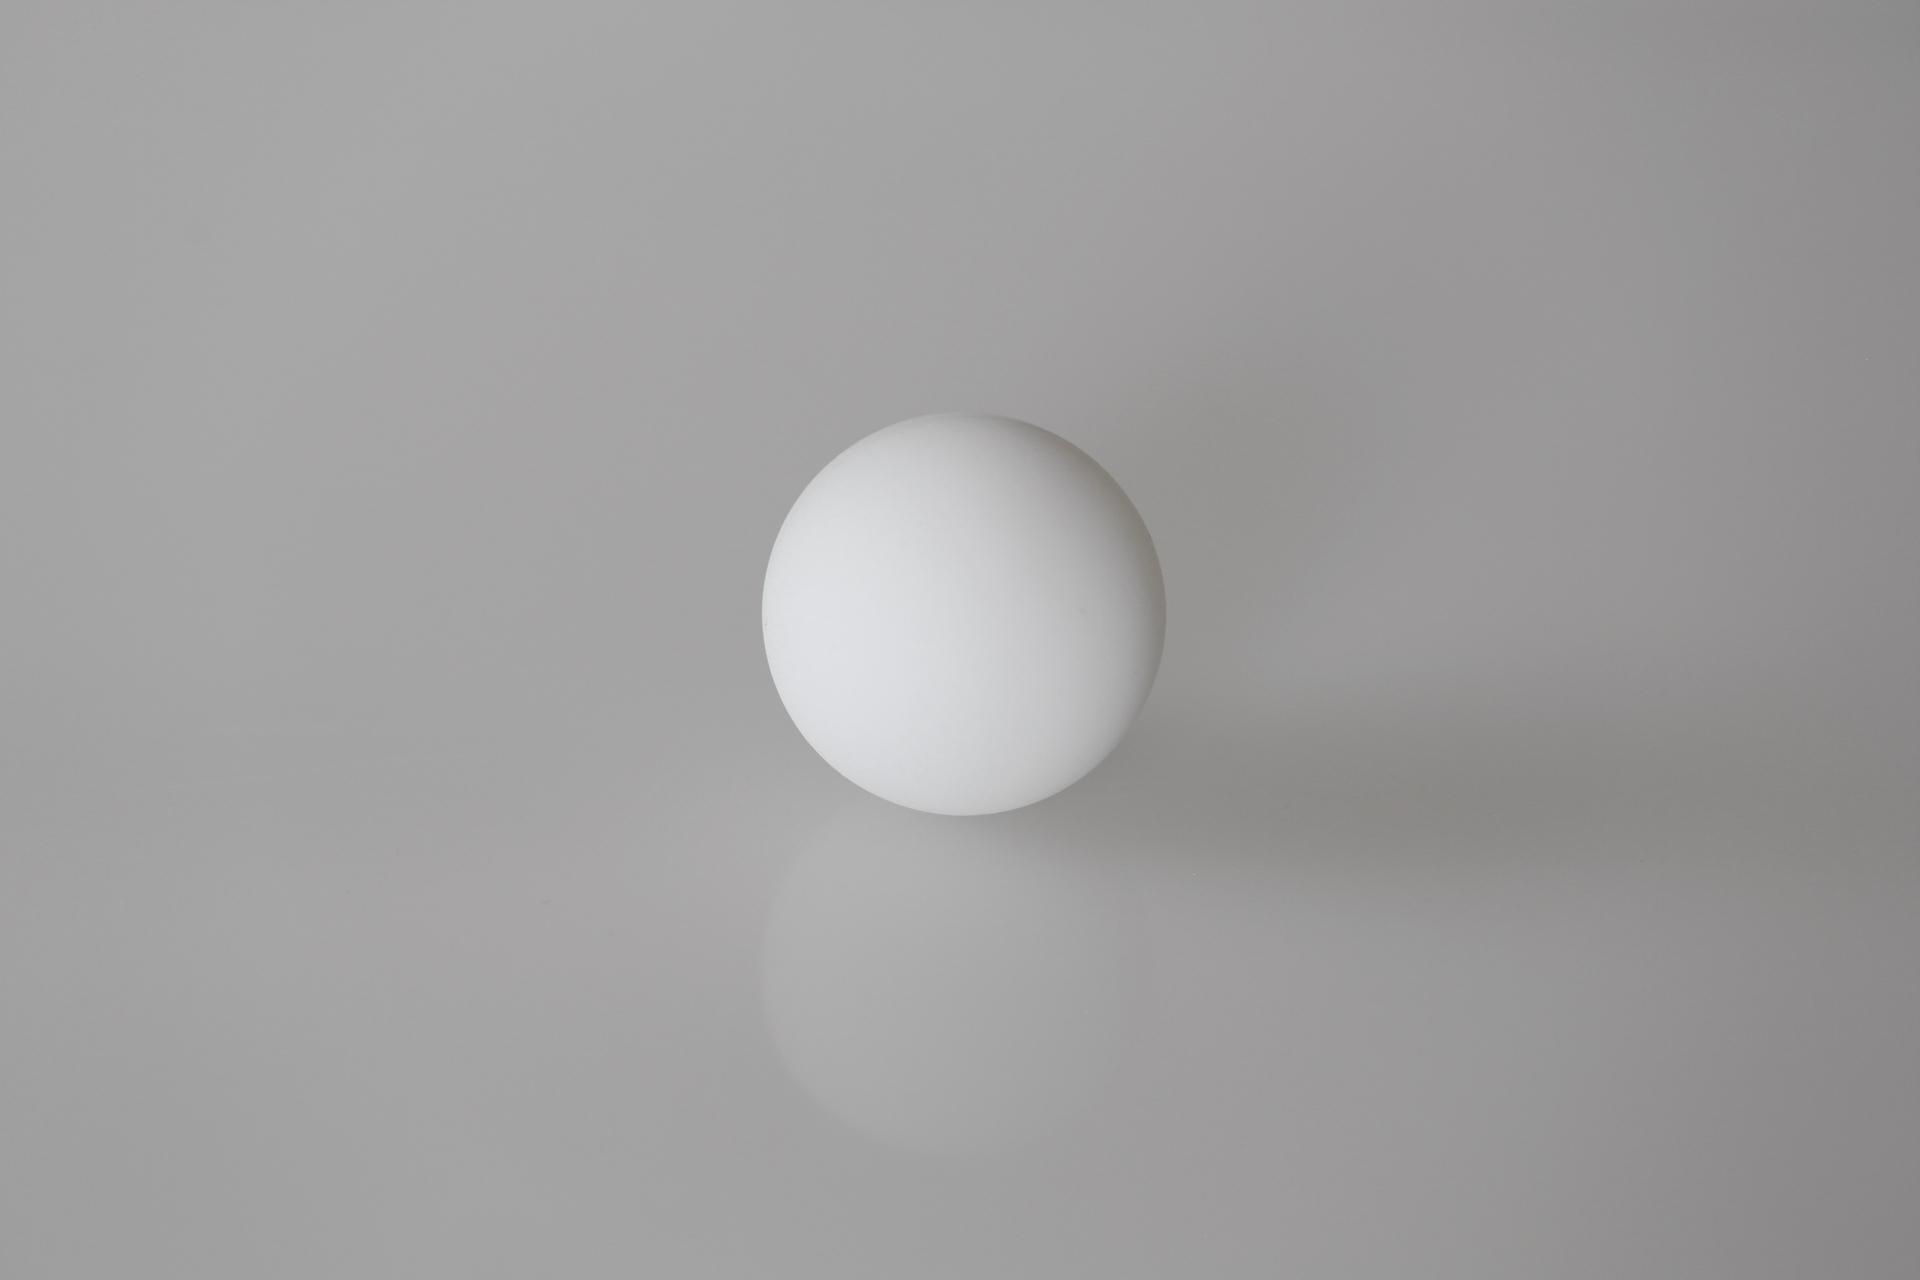 卓球ボールの種類まとめ。使用目的に応じた選び方をご紹介。